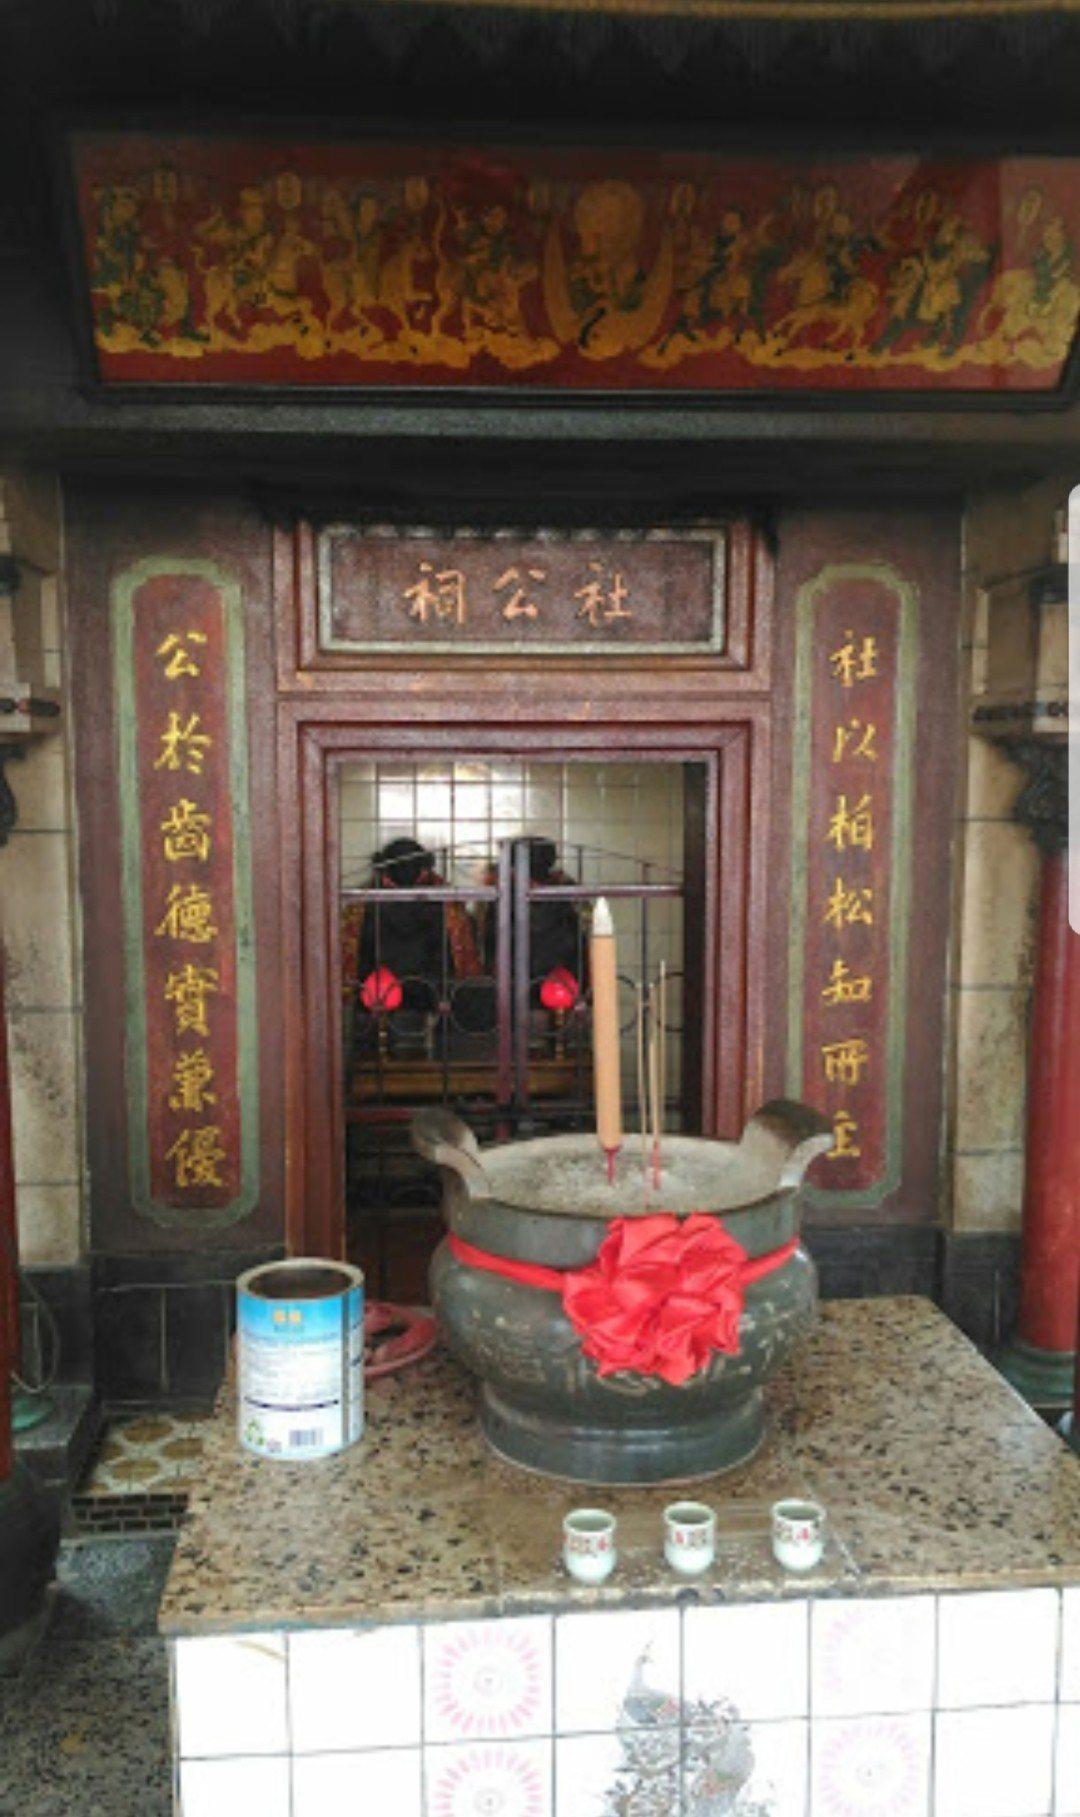 「社公祠」是台中知名土地公廟,傳說這位土地公相當靈驗,幾乎有求必應,讓調查官前往...